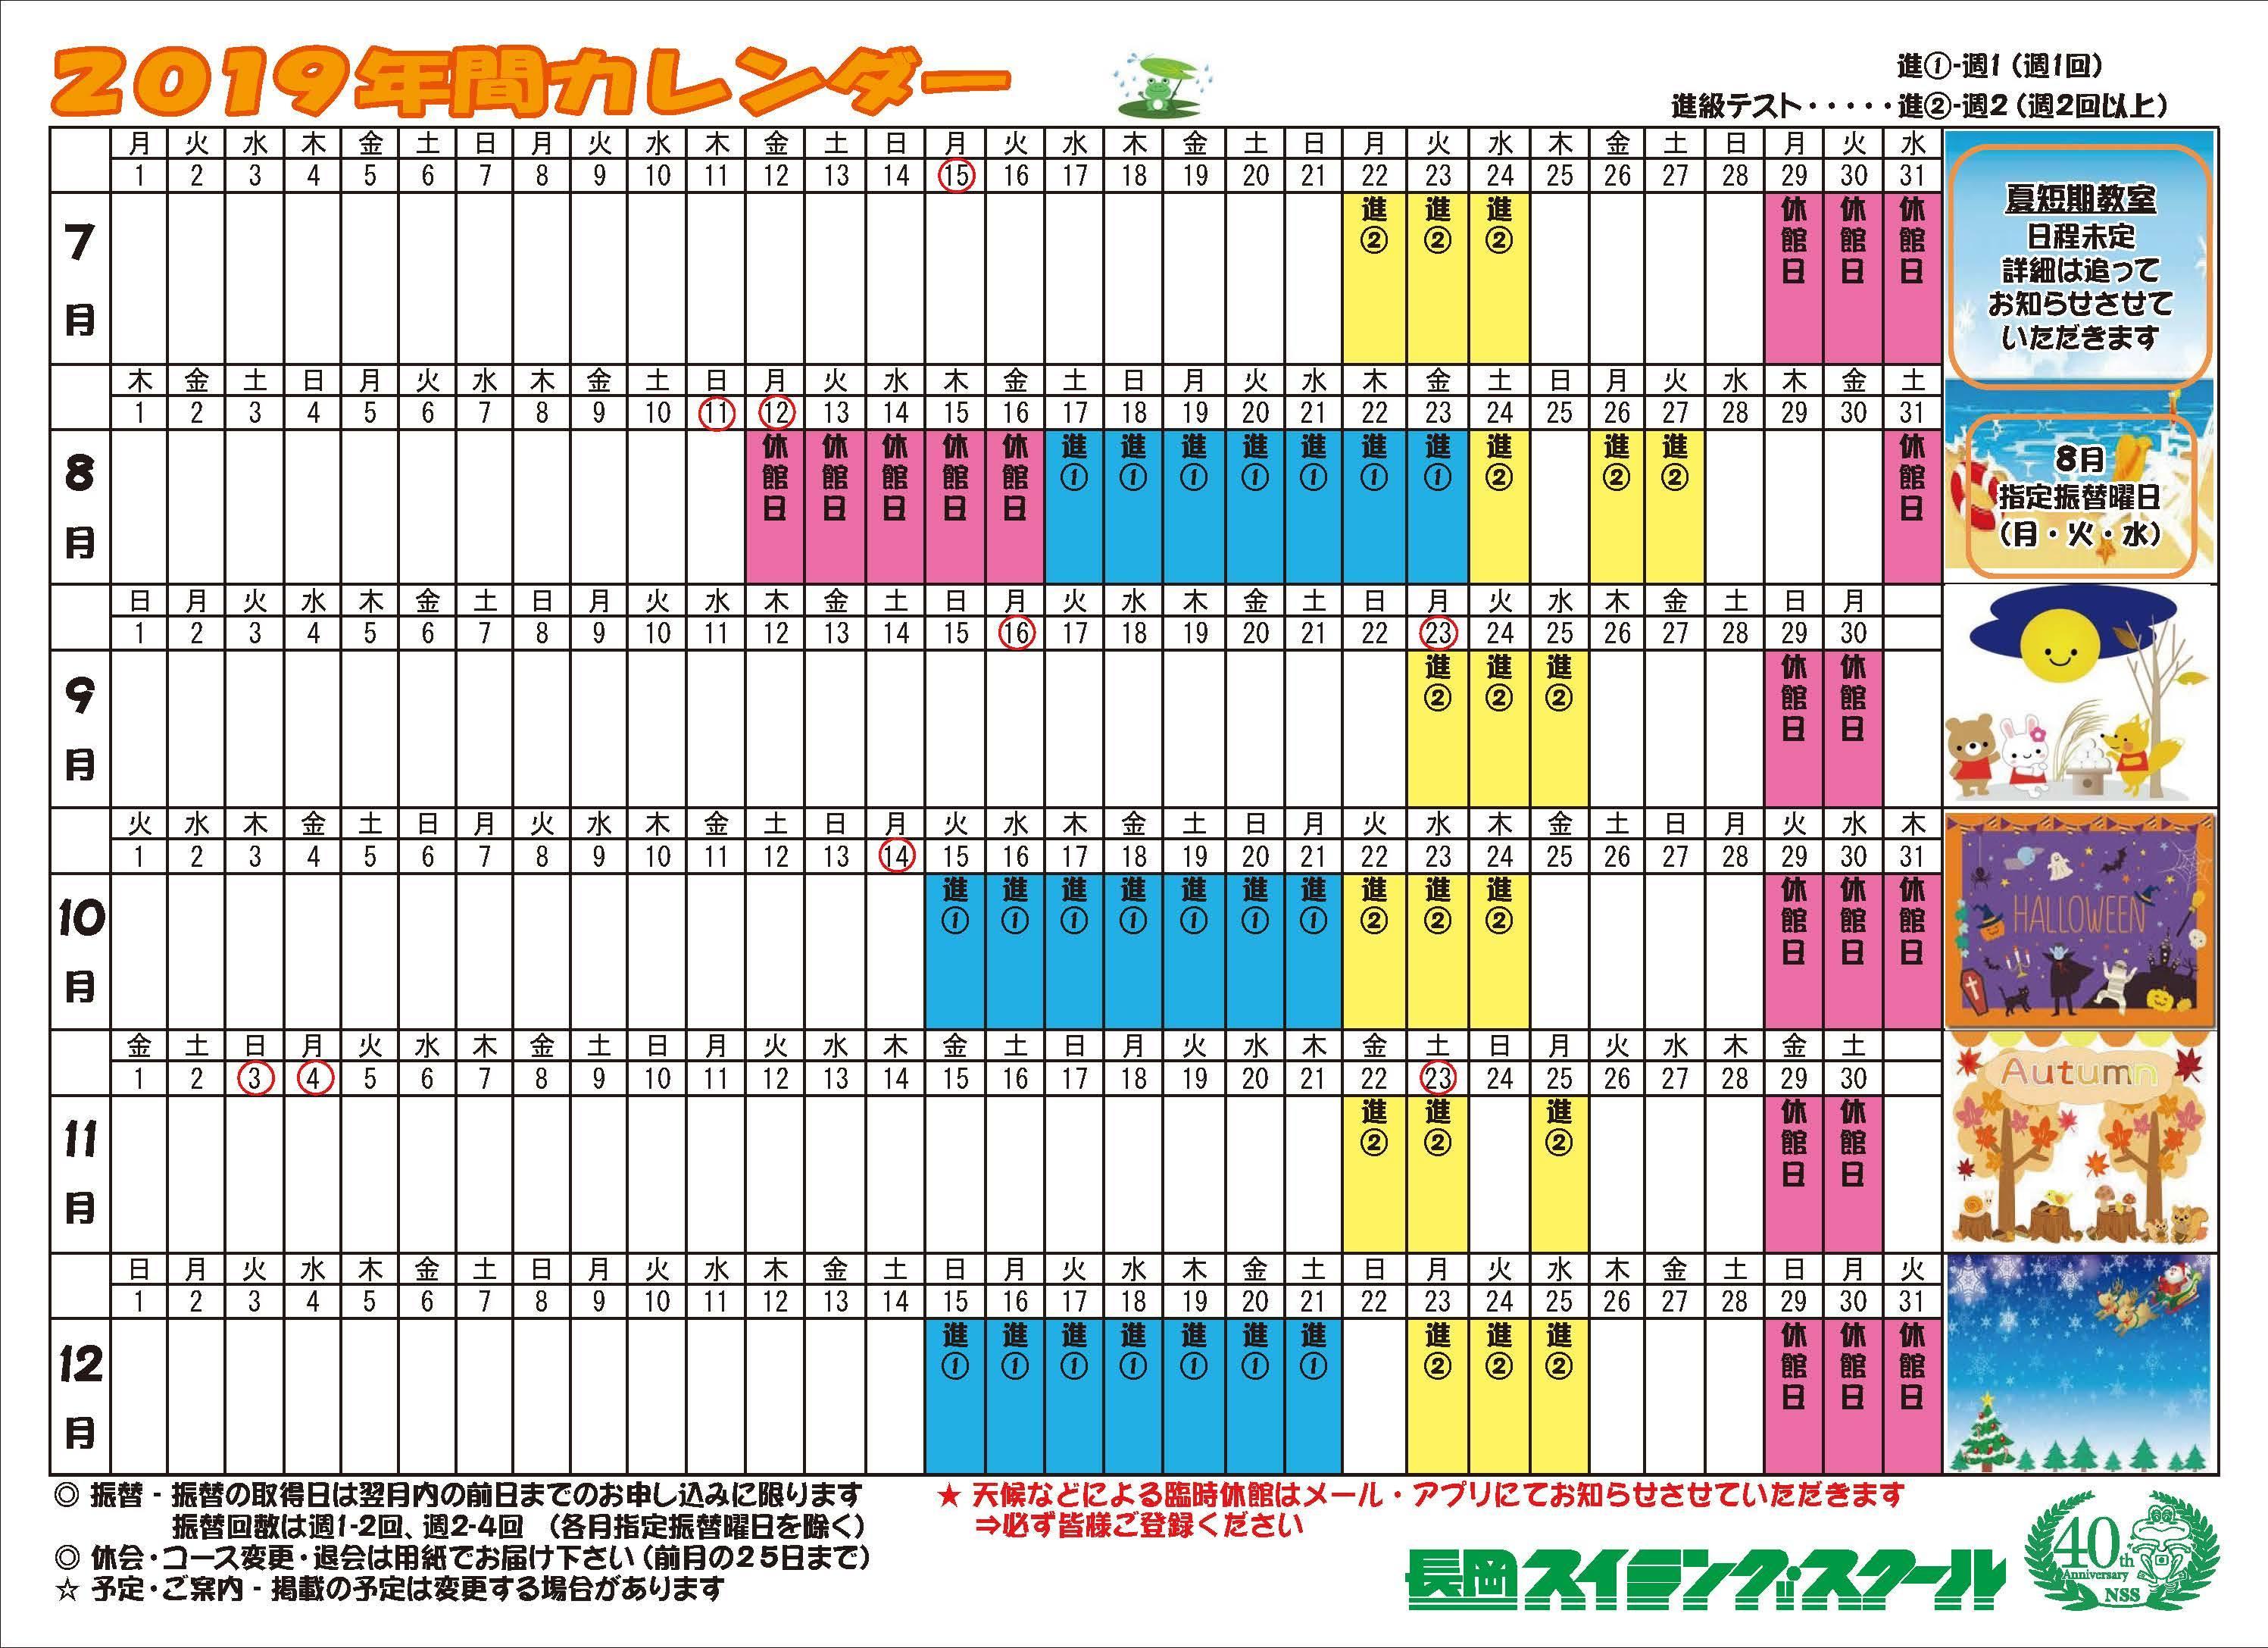 2019年間カレンダー(7月から12月)